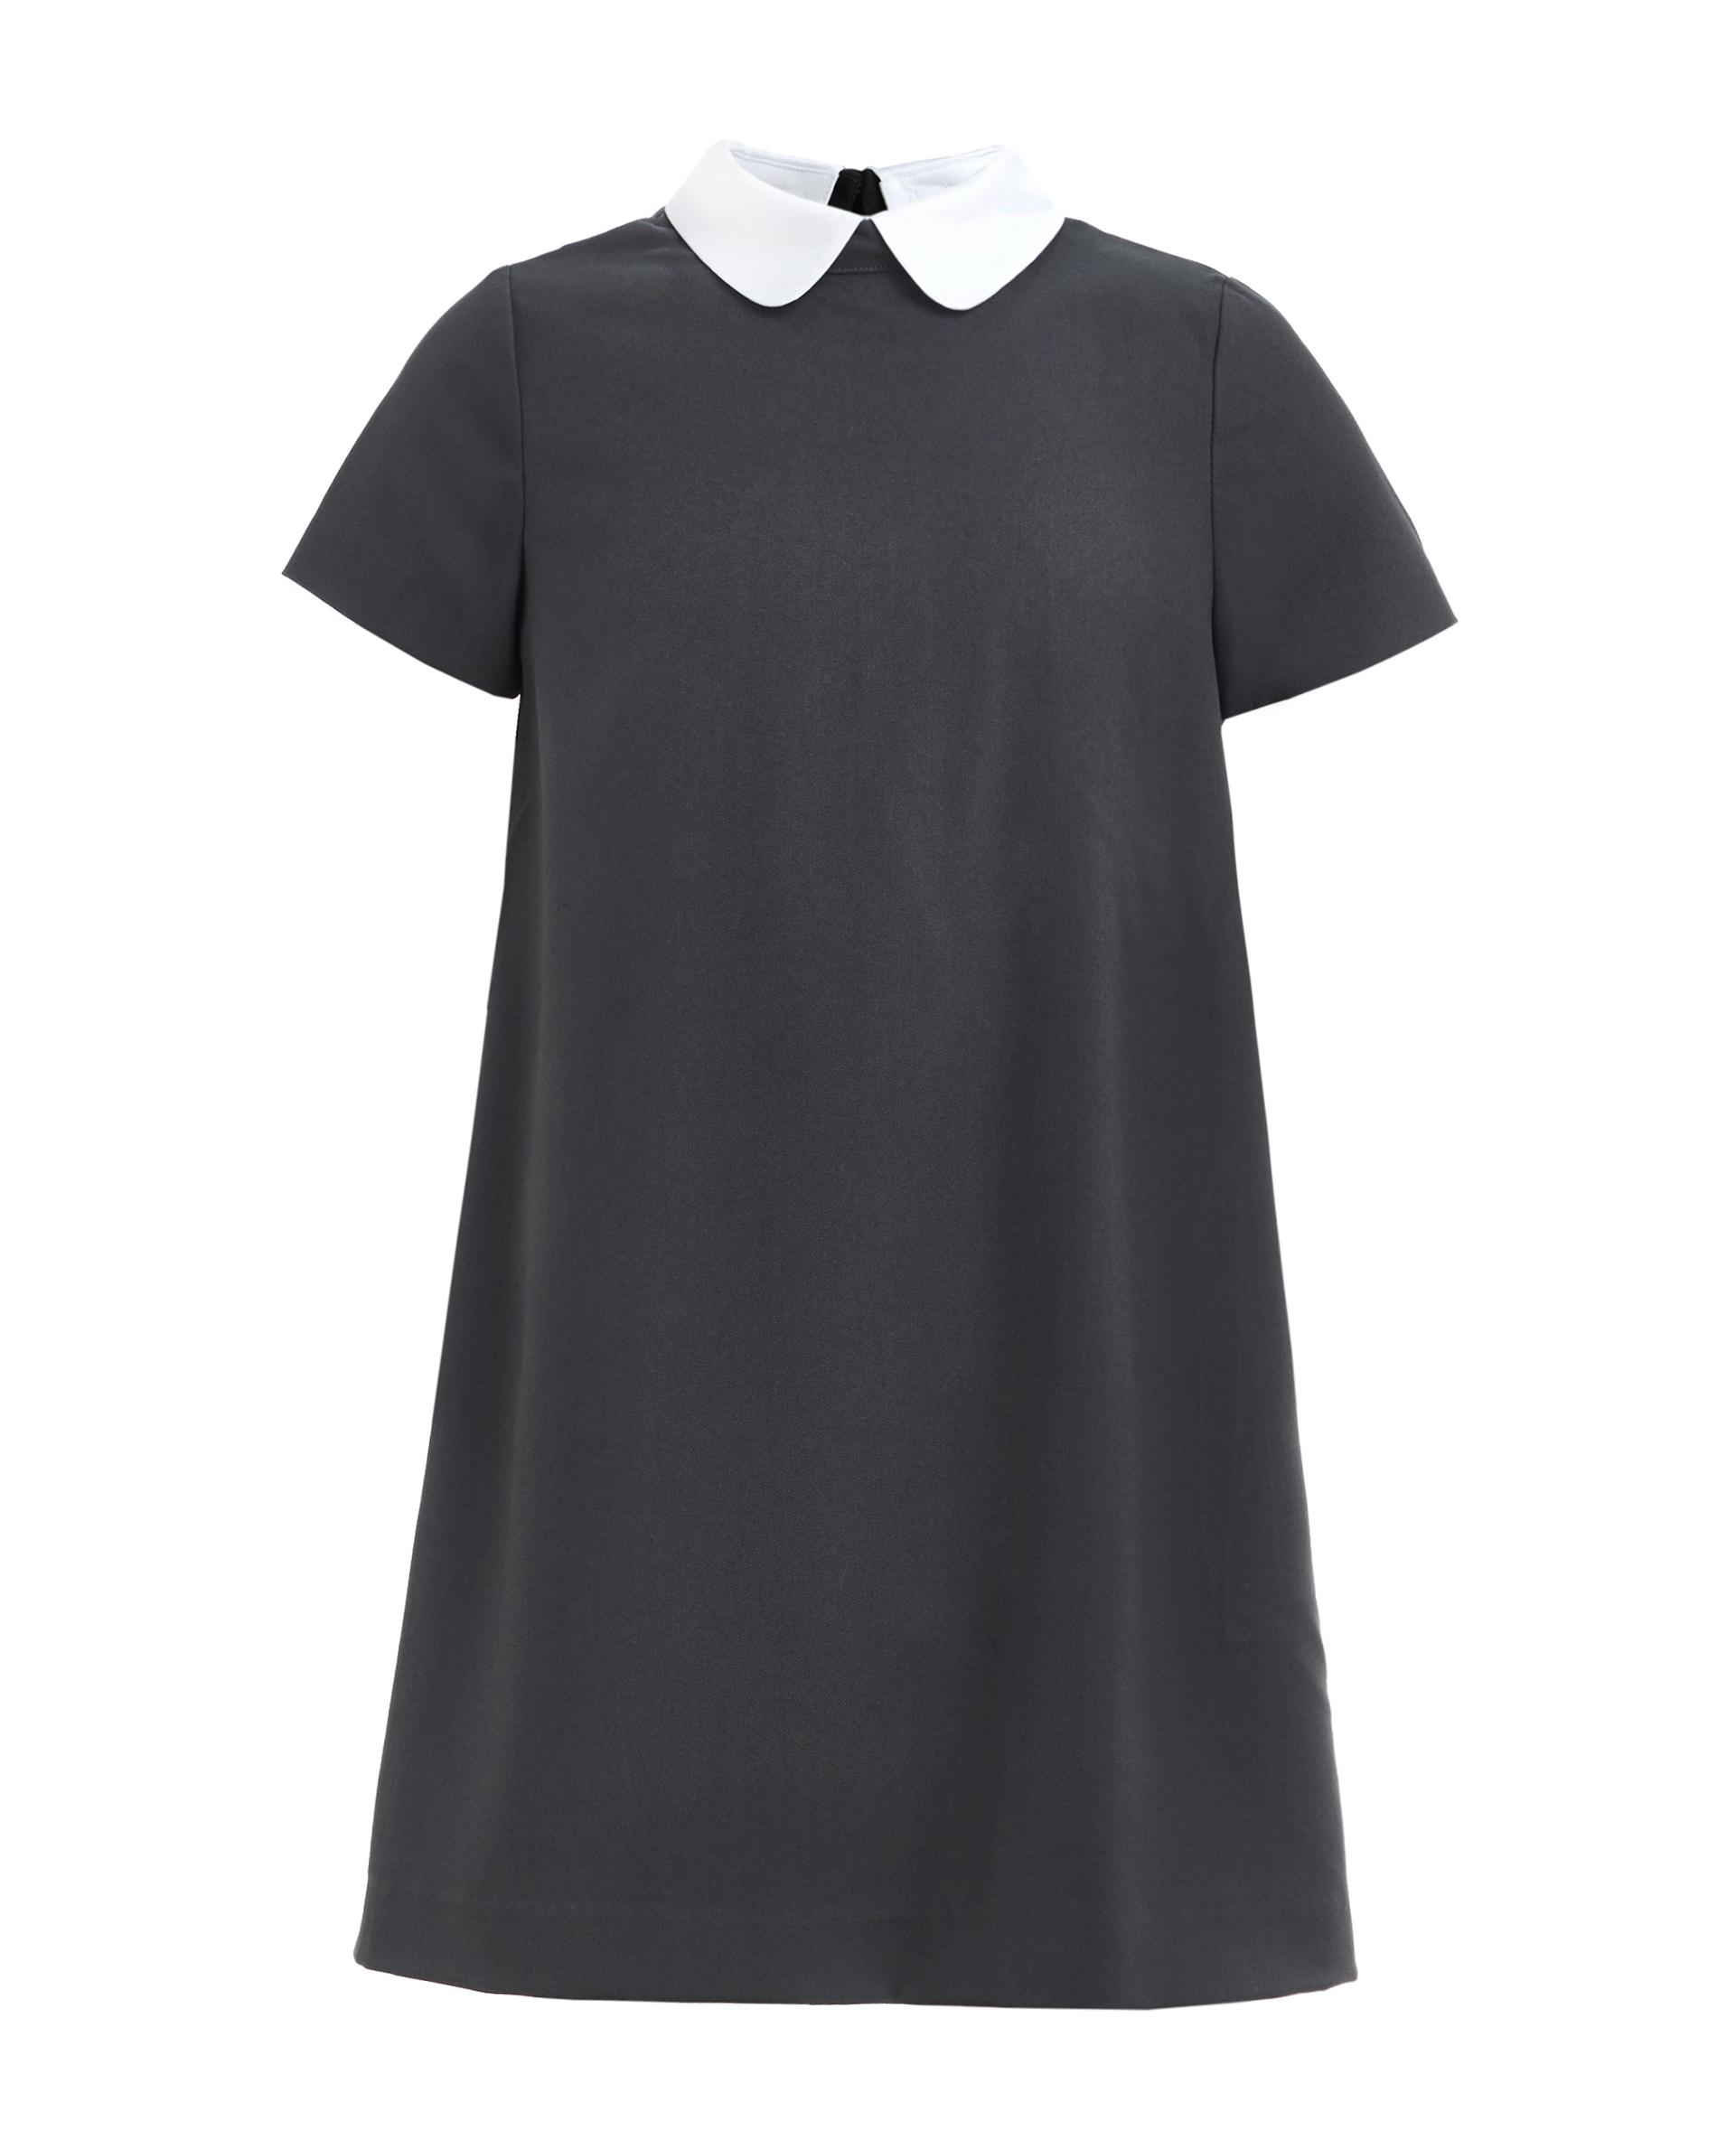 Купить 219GSGC2506, Серое платье со съемным воротничком Gulliver, серый, 146, Женский, ШКОЛЬНАЯ ФОРМА 2019-2020 (shop: GulliverMarket Gulliver Market)